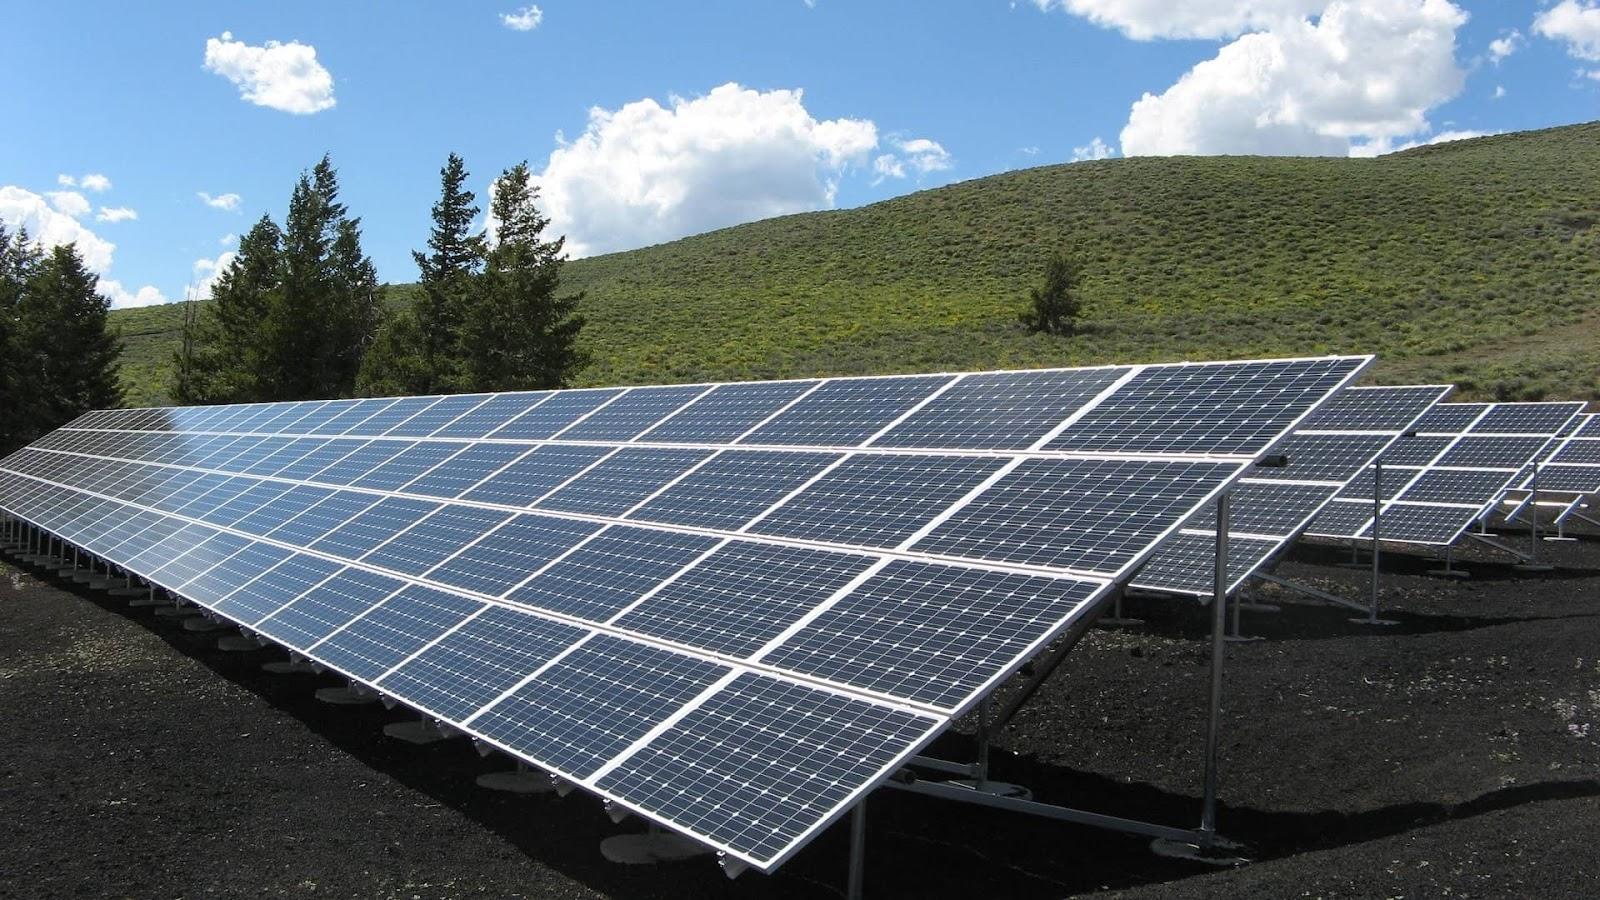 pannelli-solari-energia-rinnovabile-codici-sconto-pulsee